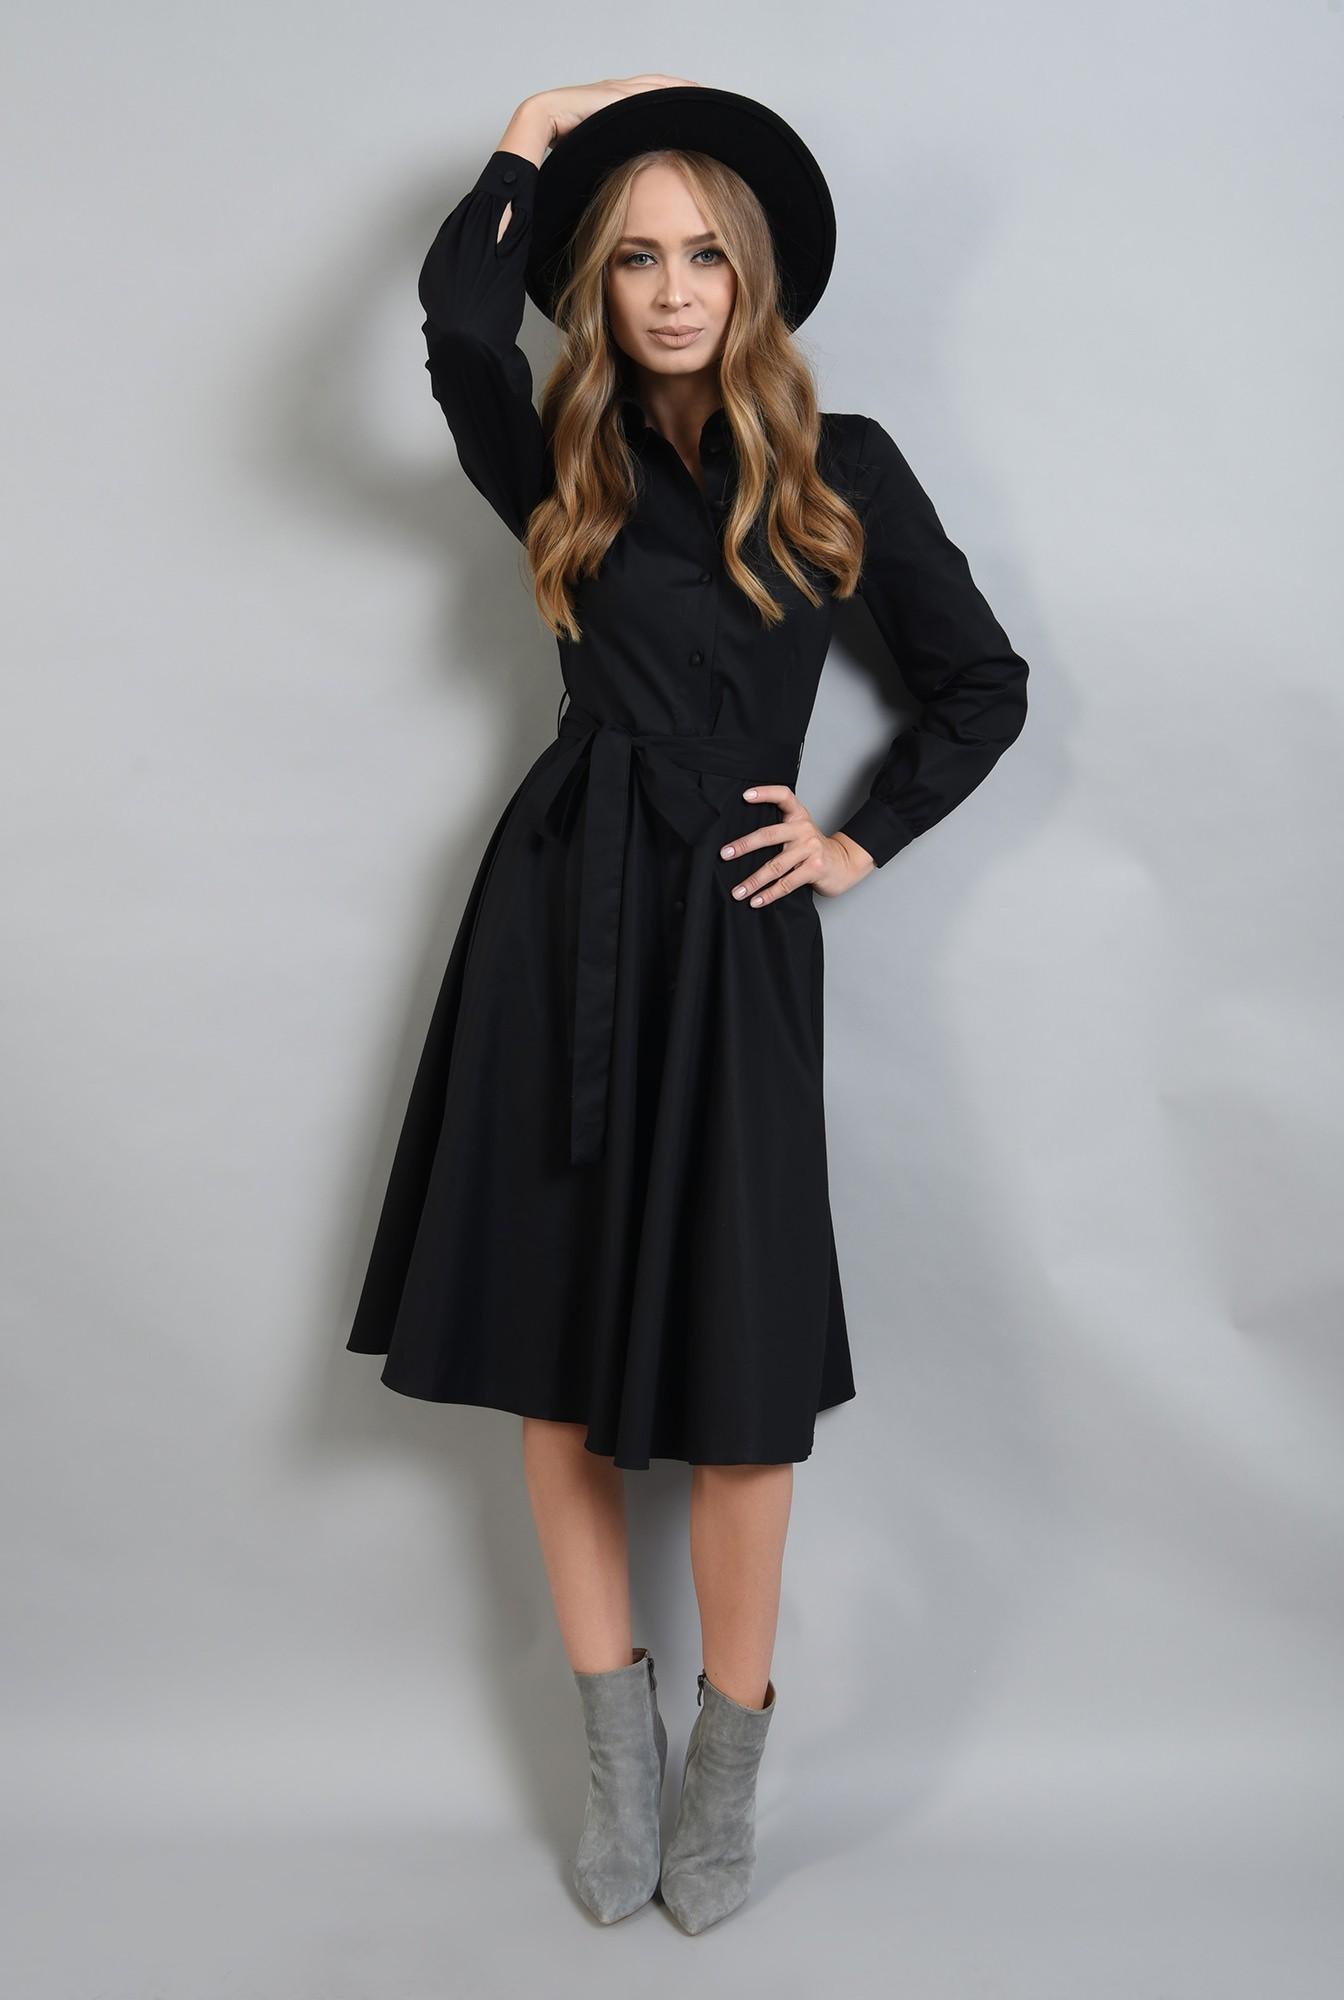 1 - rochie neagra midi, evazata, cu maneca lunga